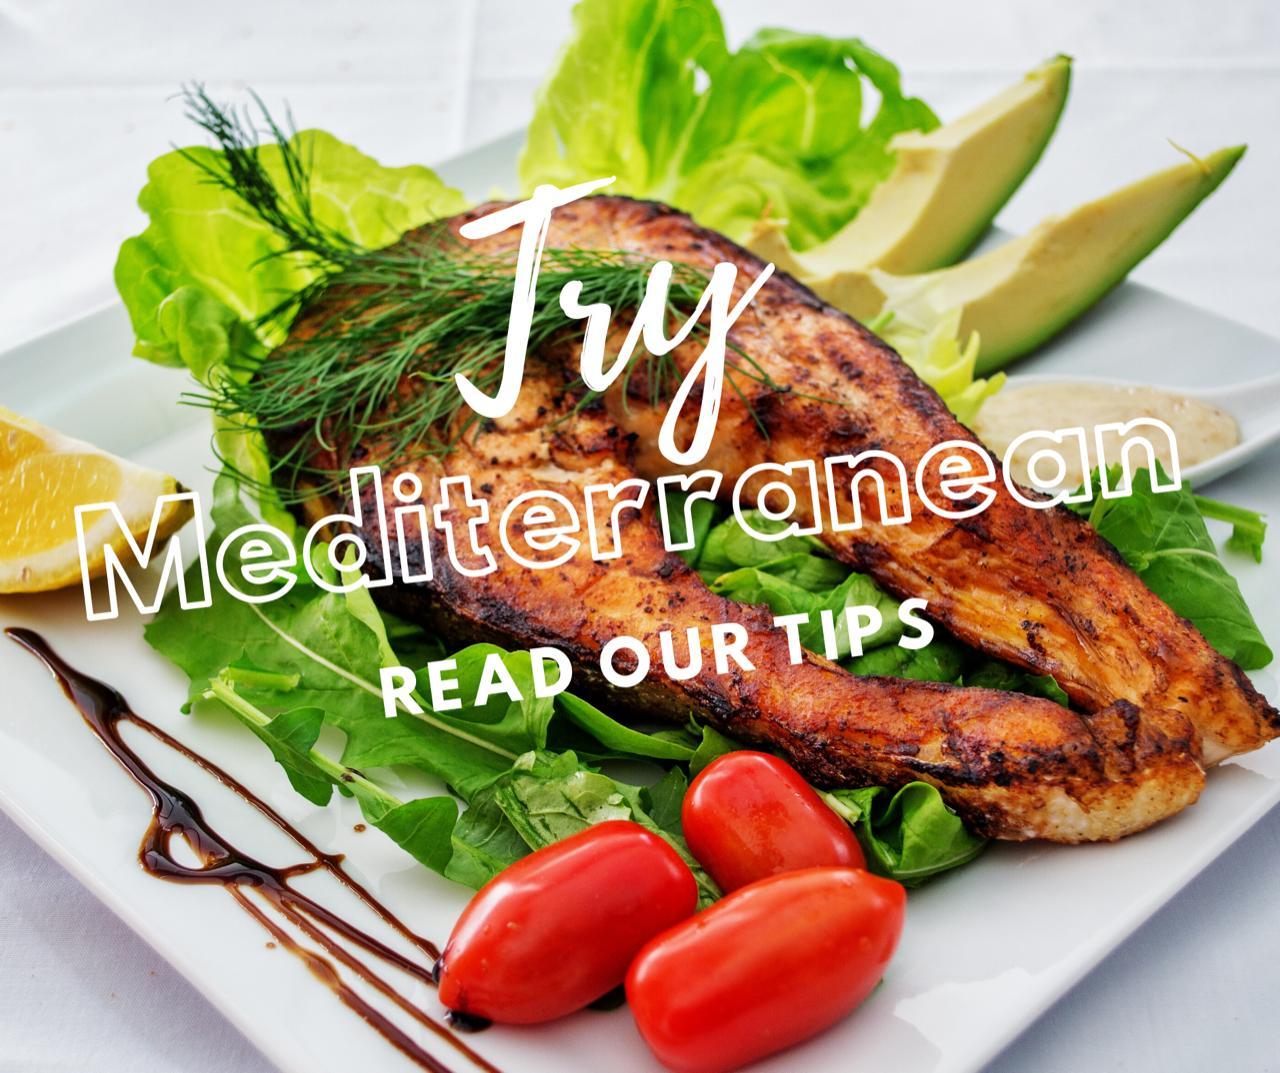 Публикация с тегами: Спорт, Правильное питание, Диеты, Советы, Здоровье